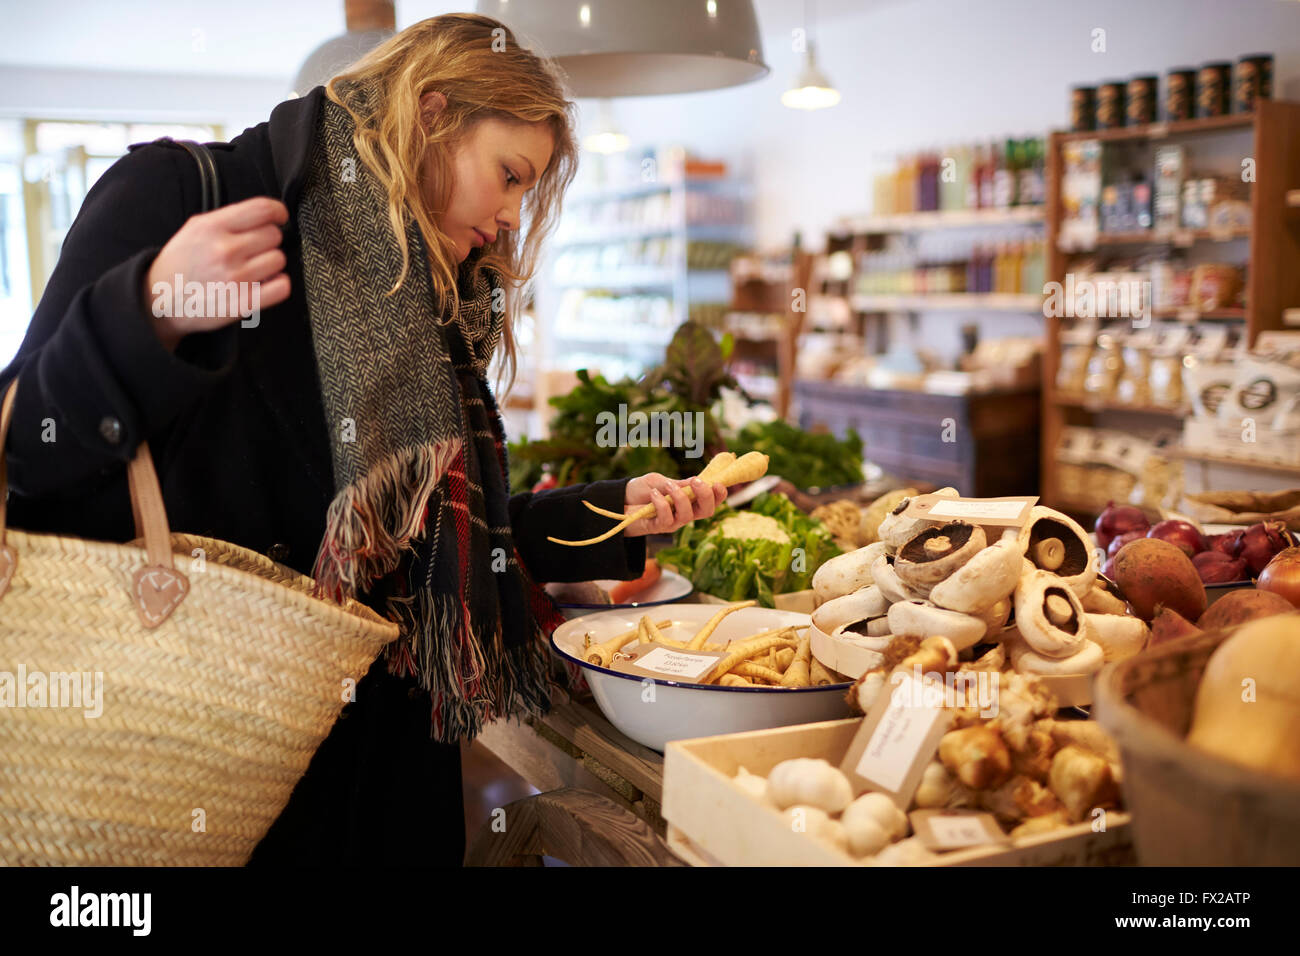 Frau Shopping für Bio-Produkte In Feinkost Stockbild